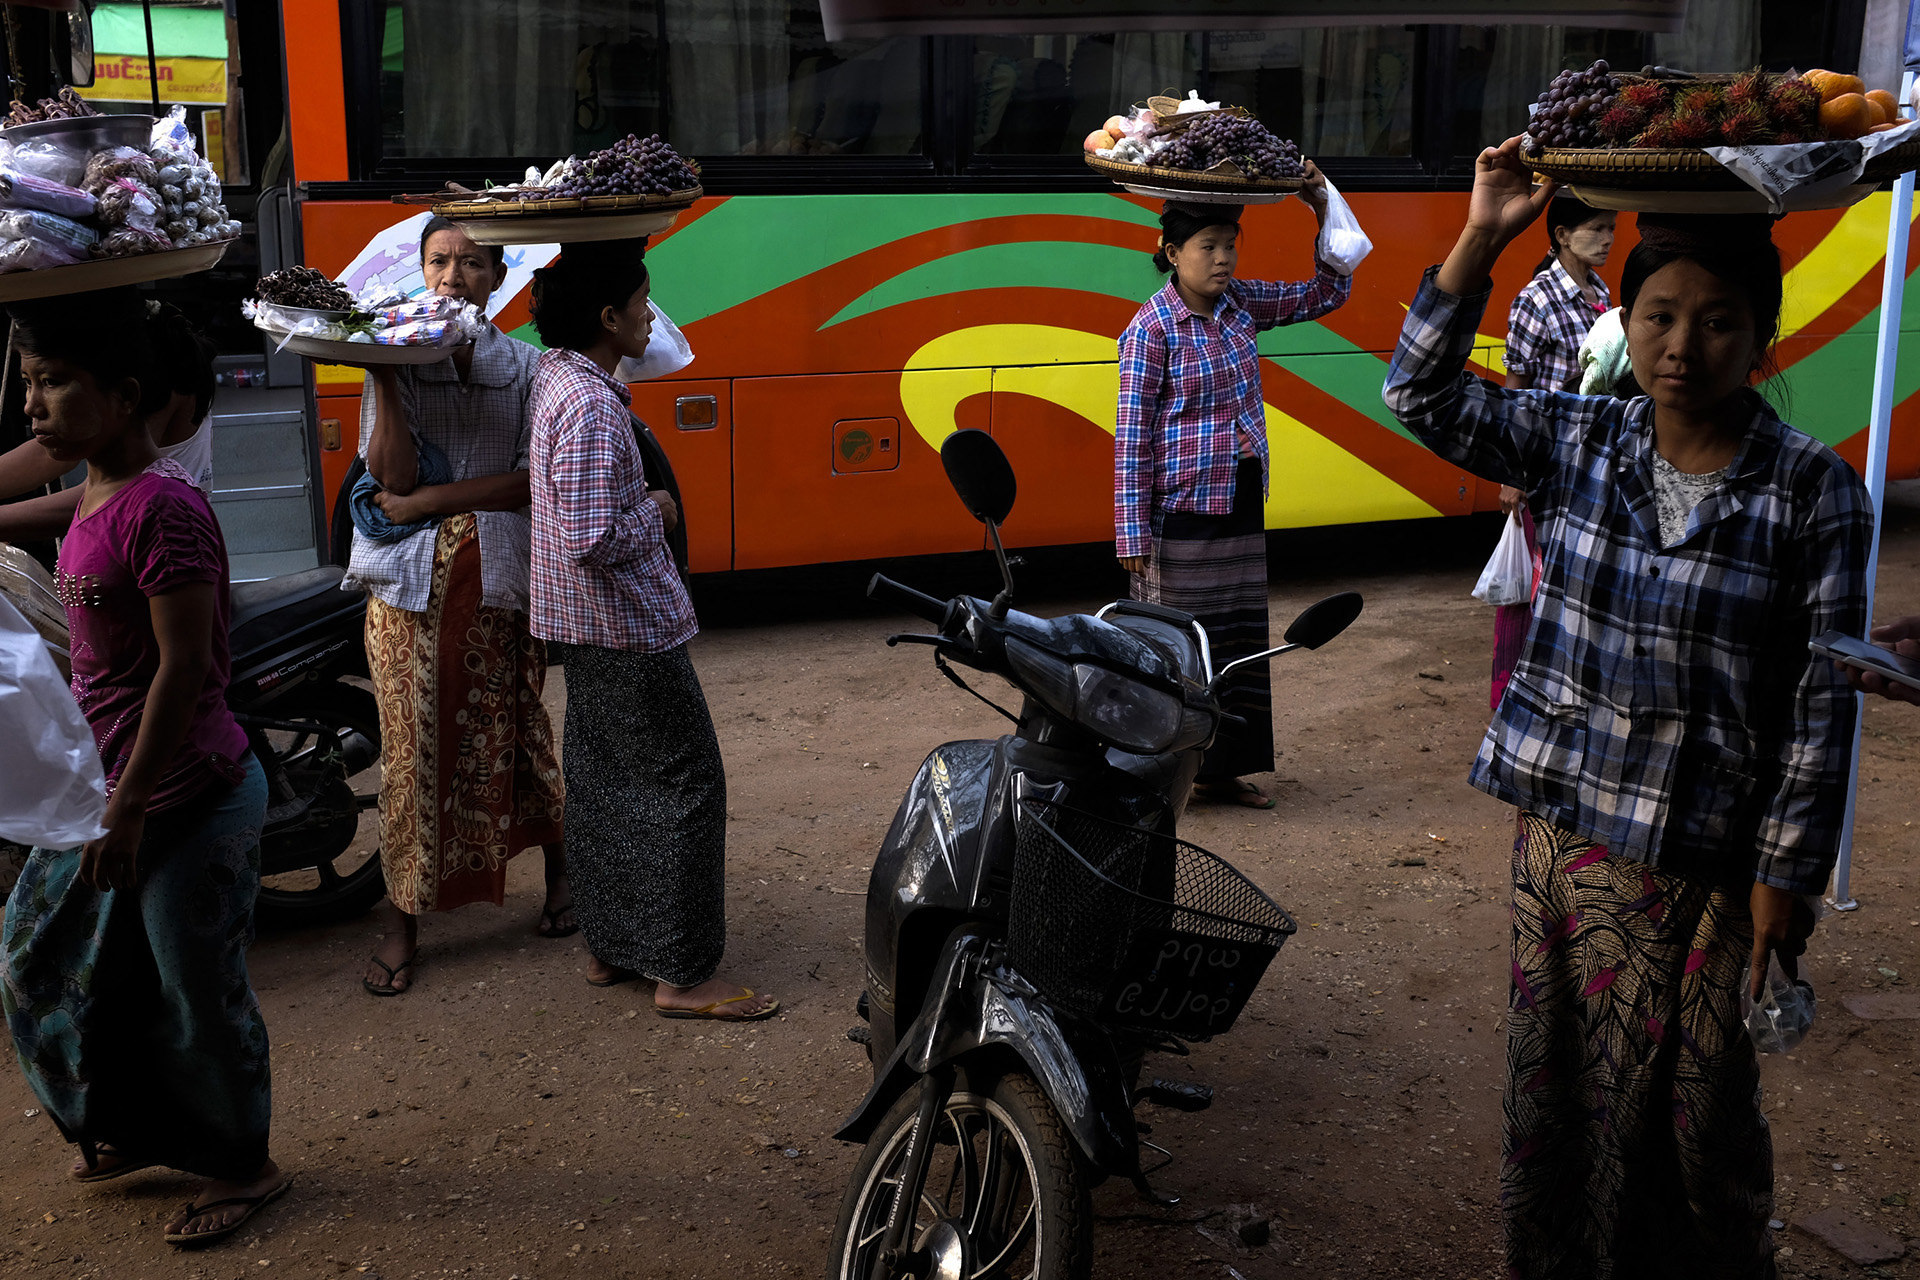 Arrêt dans un restaurant local sur la route entre Bagan et Naypyidaw. Birmanie, Mai 2015.